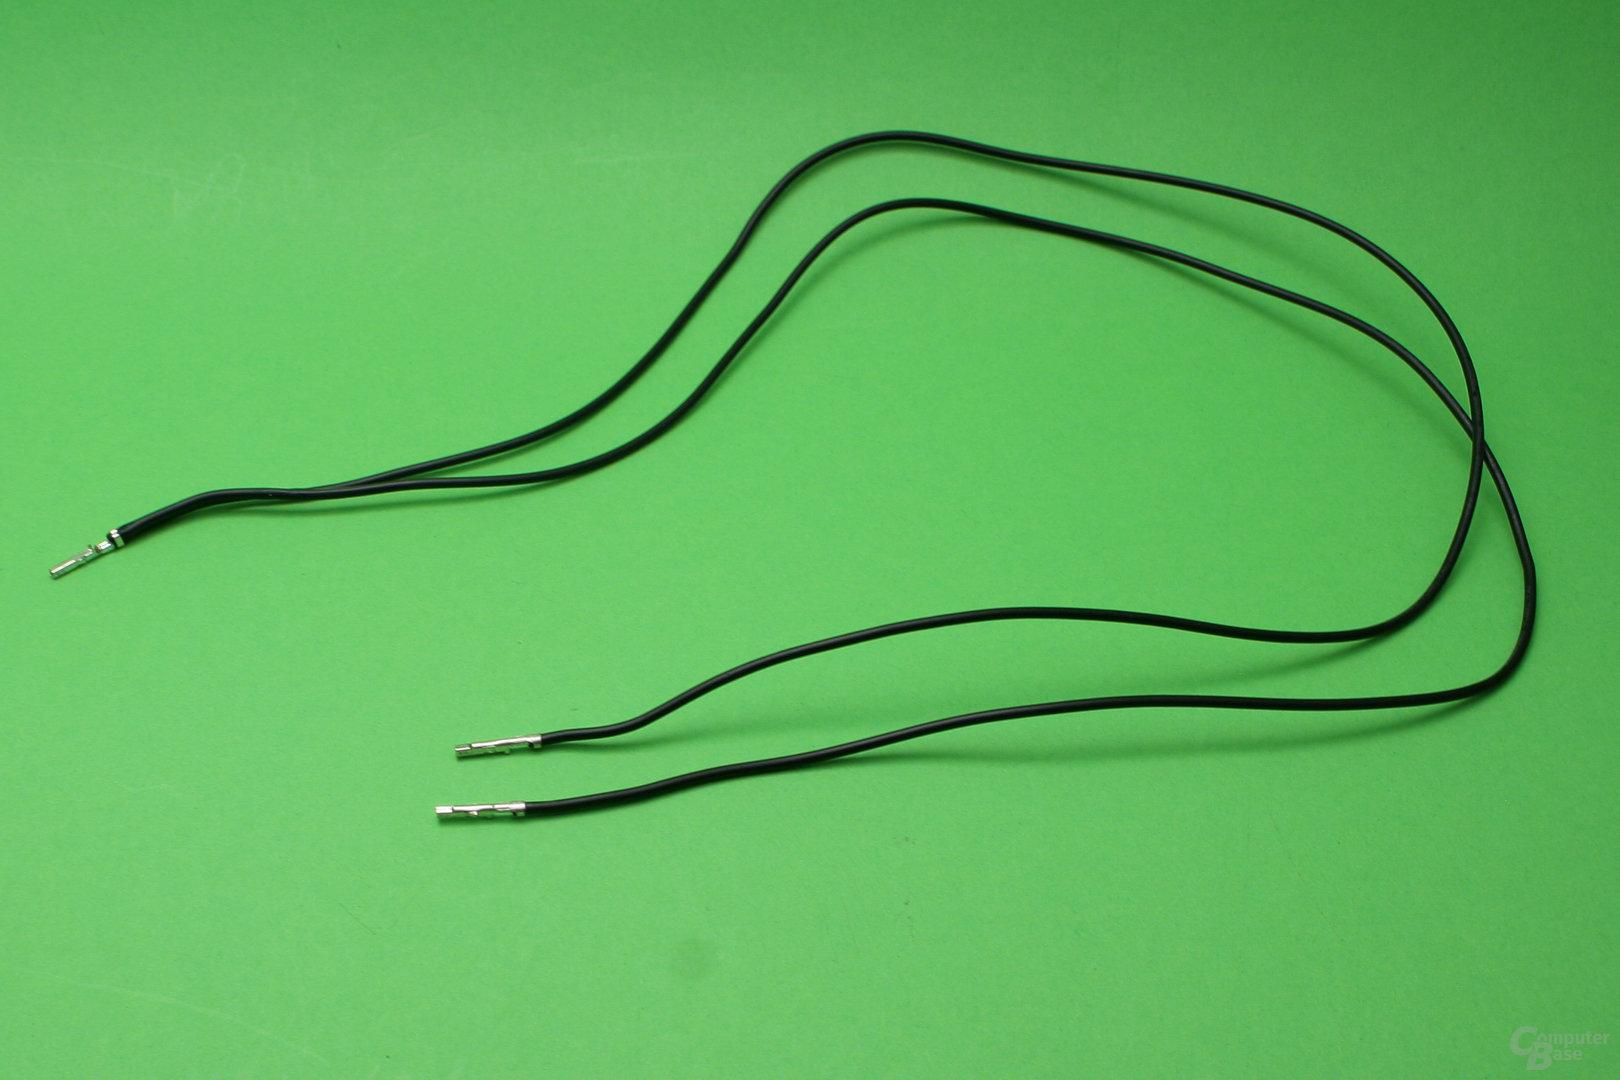 Y-Kabel: Ein Pin mit zwei Litzen führt zu zwei Enden